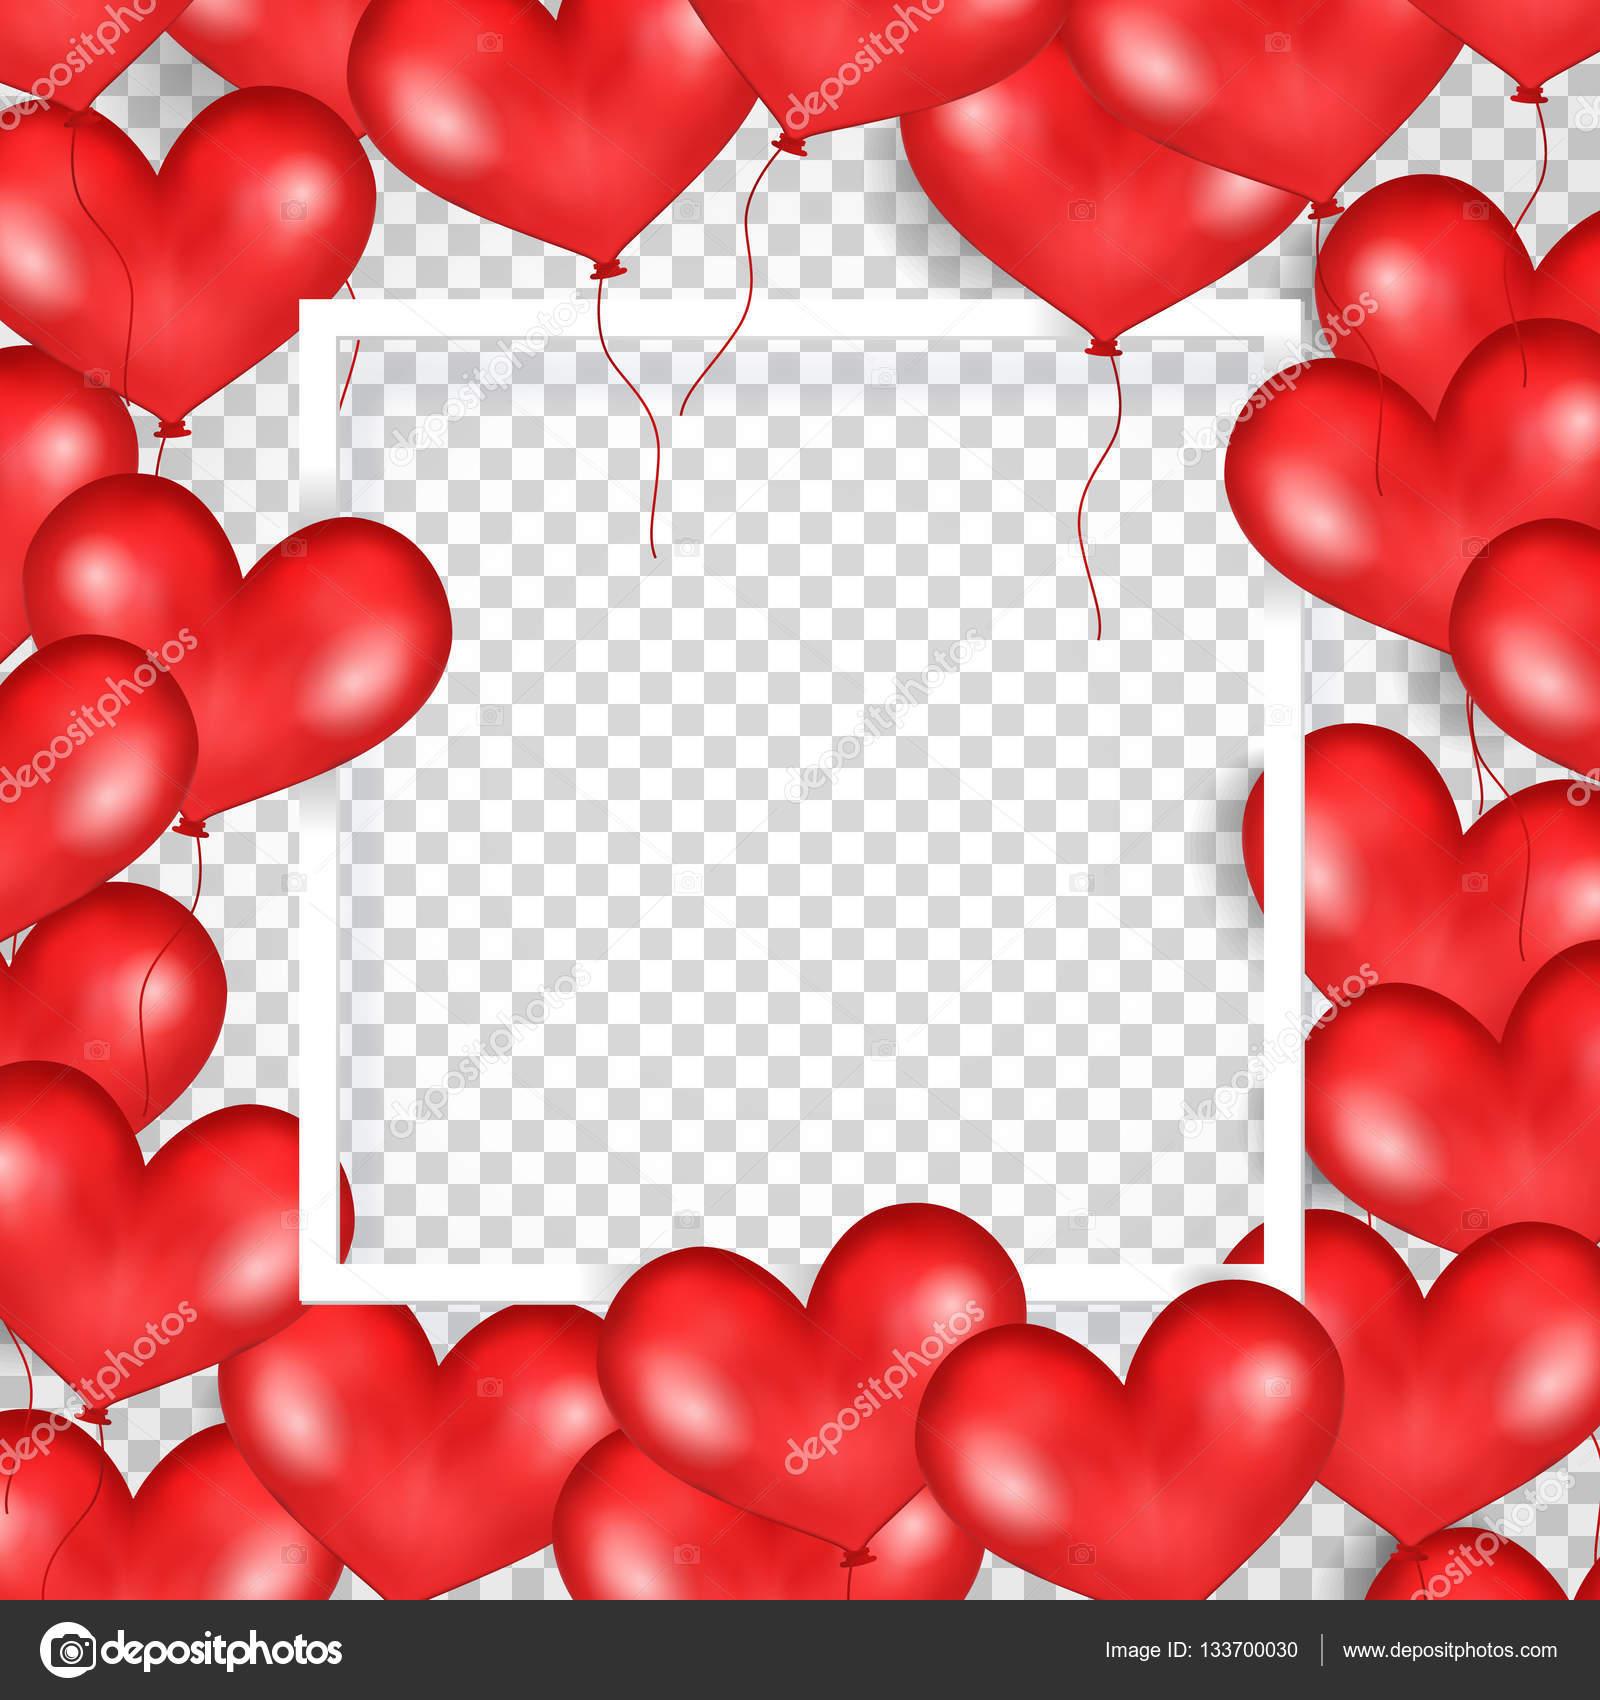 Marco con globos rojos en forma de corazón. Fondo transparente. Gran ...